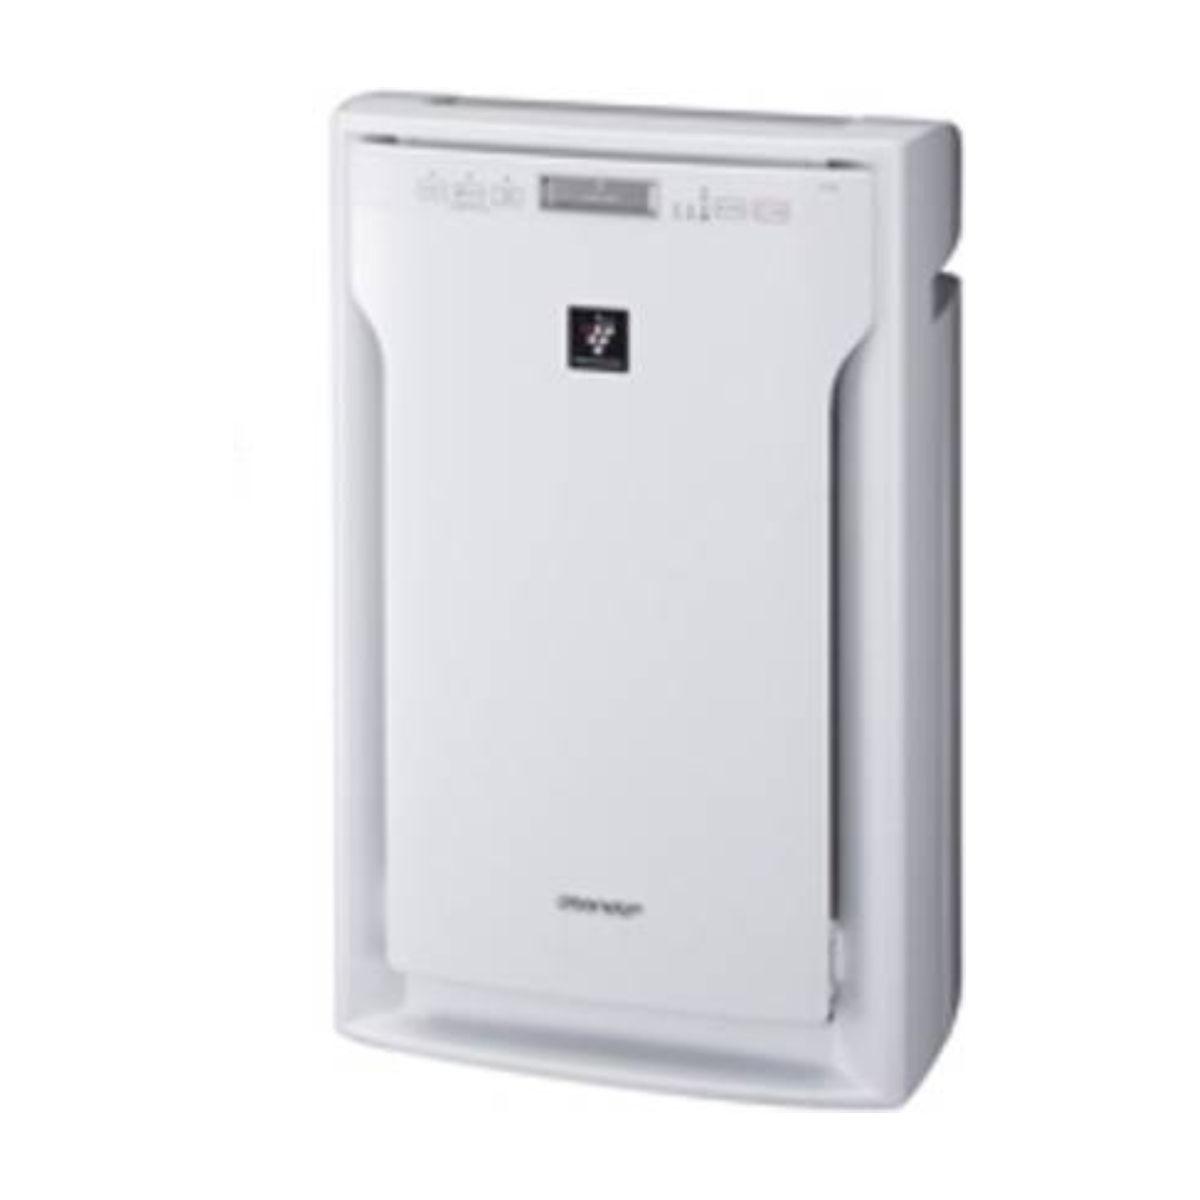 Sharp FU-A80E-W Air Purifier